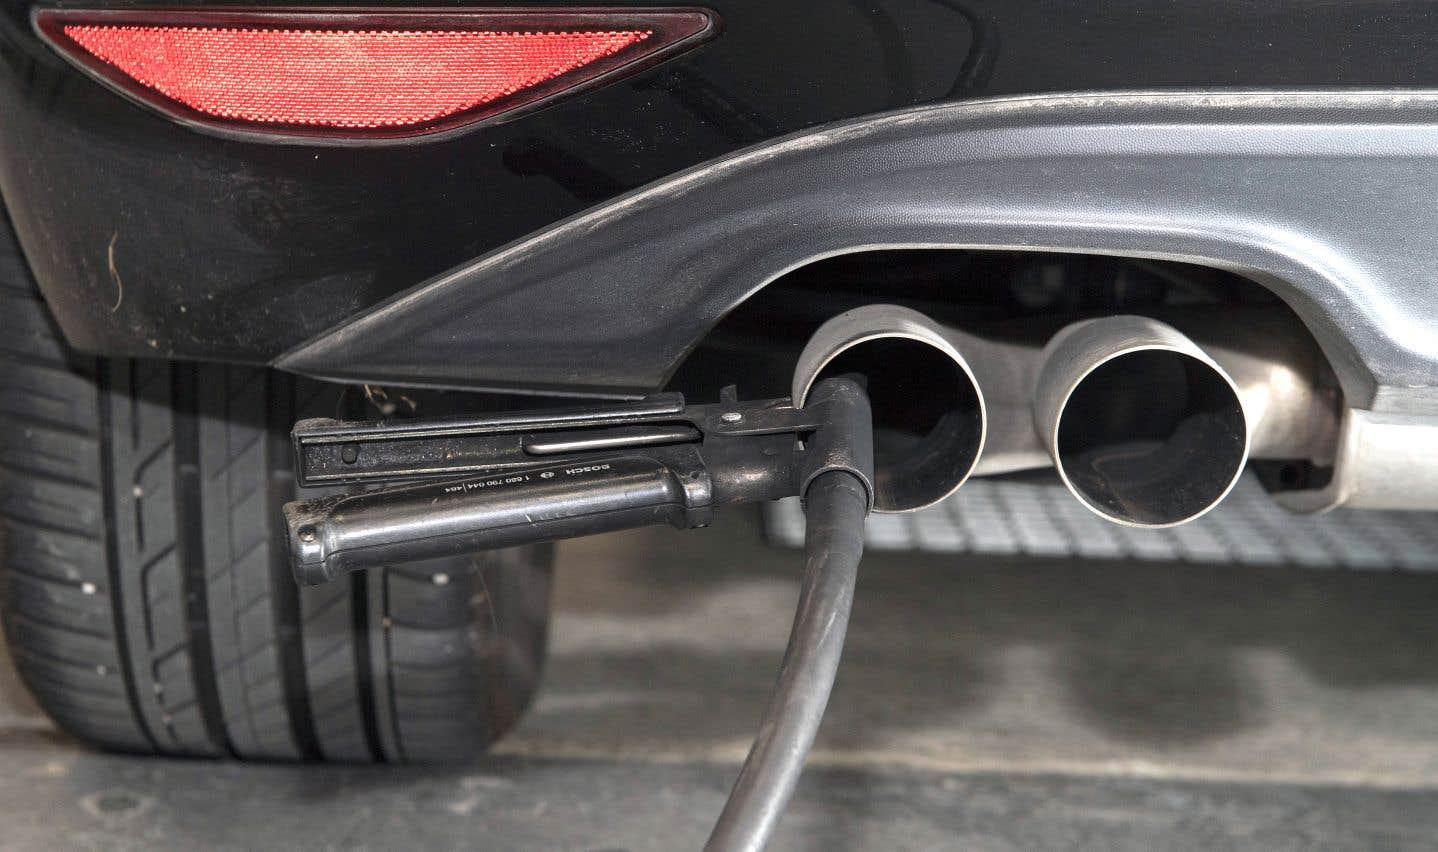 La controverse dans laquelle est plongée Volkswagen fait suite au «dieselgate» provoqué, il y a deux ans, par un logiciel faussant le résultat des tests anti-pollution exigés par plusieurs pays.